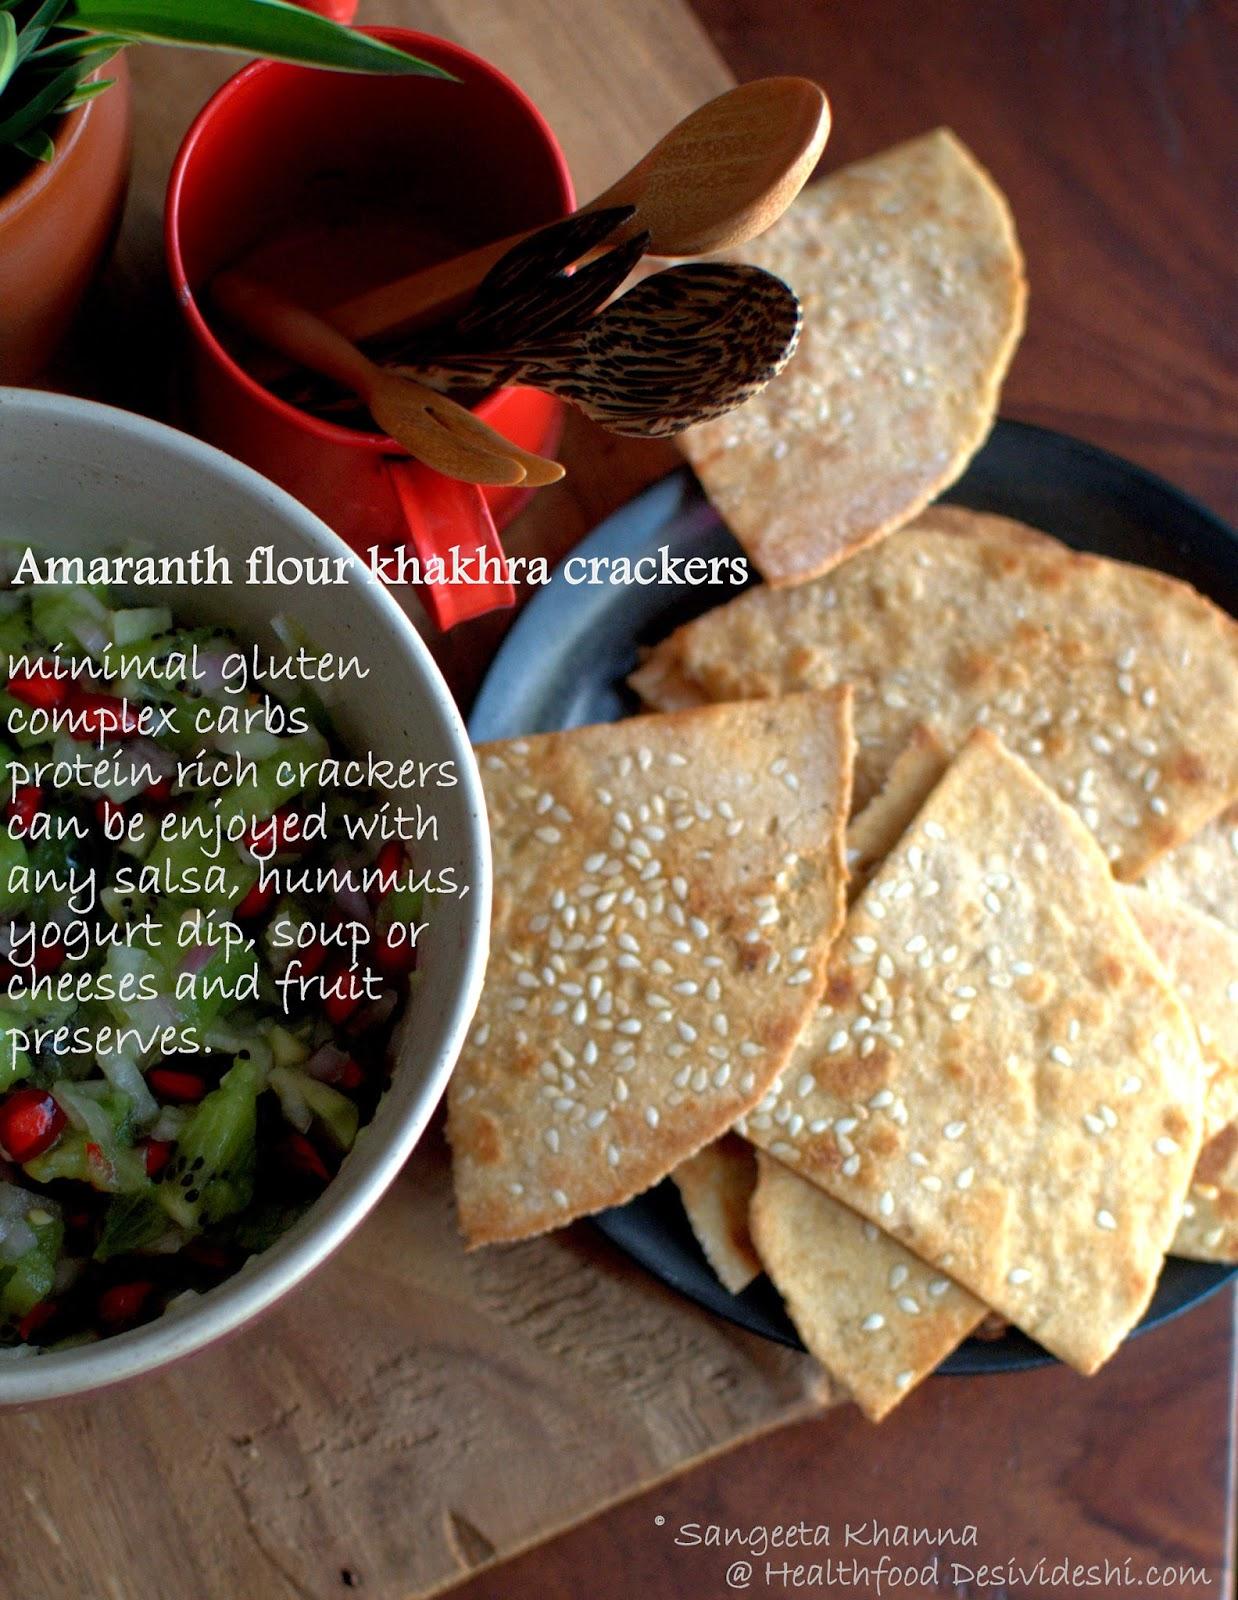 amaranth flour khakhra